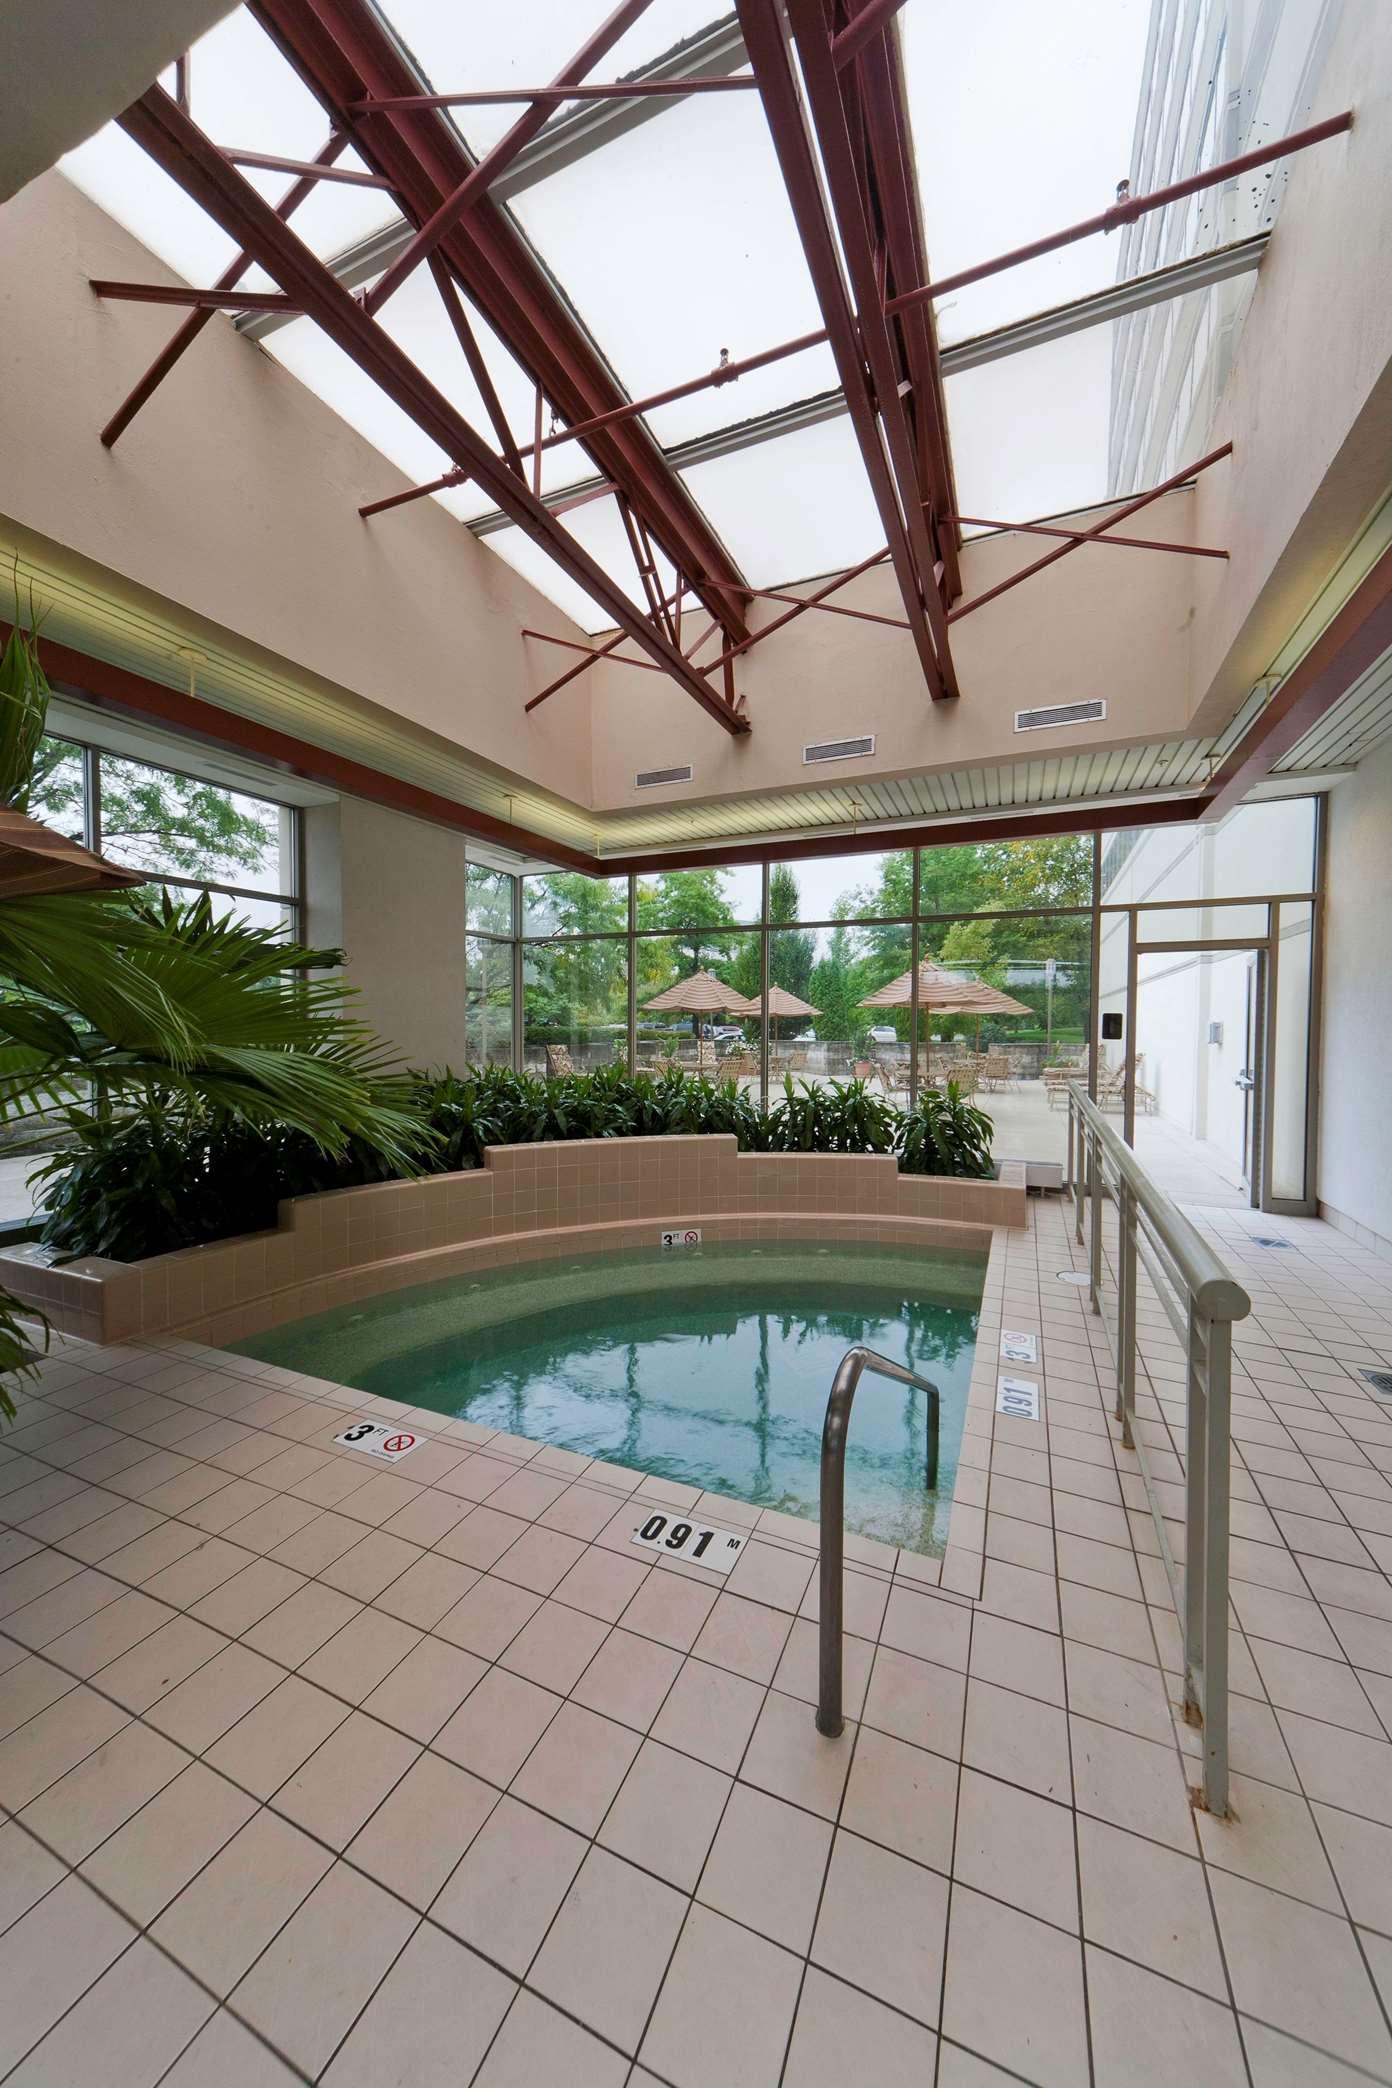 Embassy Suites by Hilton Detroit Troy Auburn Hills image 10